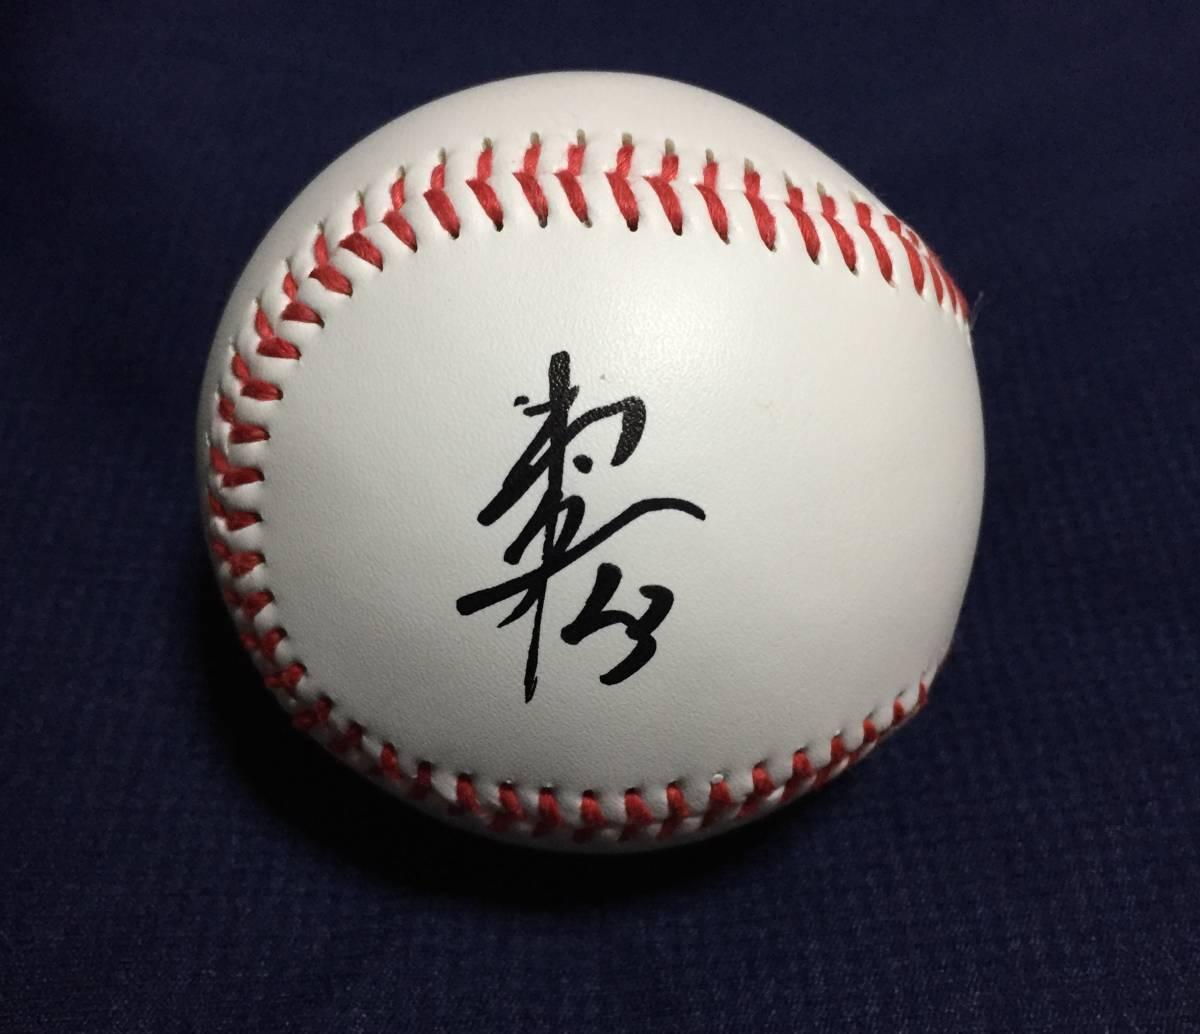 楽天イーグルス 高梨雄平選手 直筆サインボール